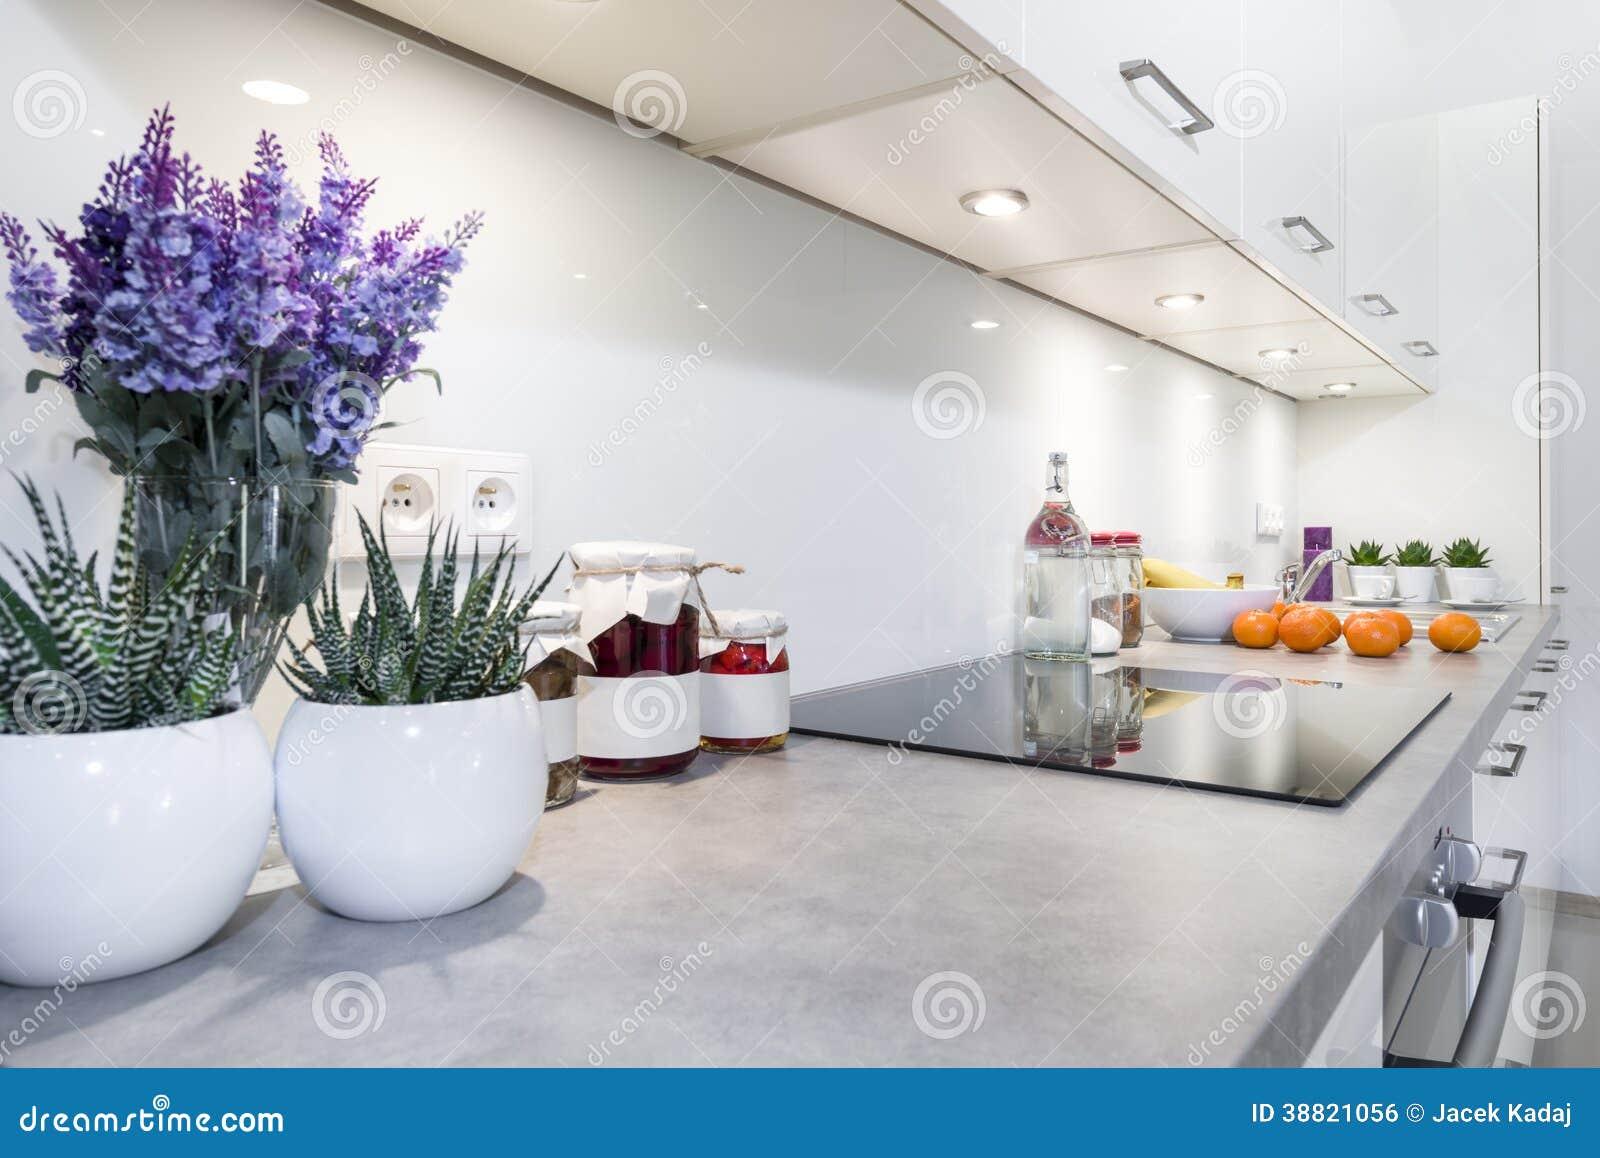 Design De Interiores Moderno Da Cozinha Foto de Stock Imagem  #654783 1300 958